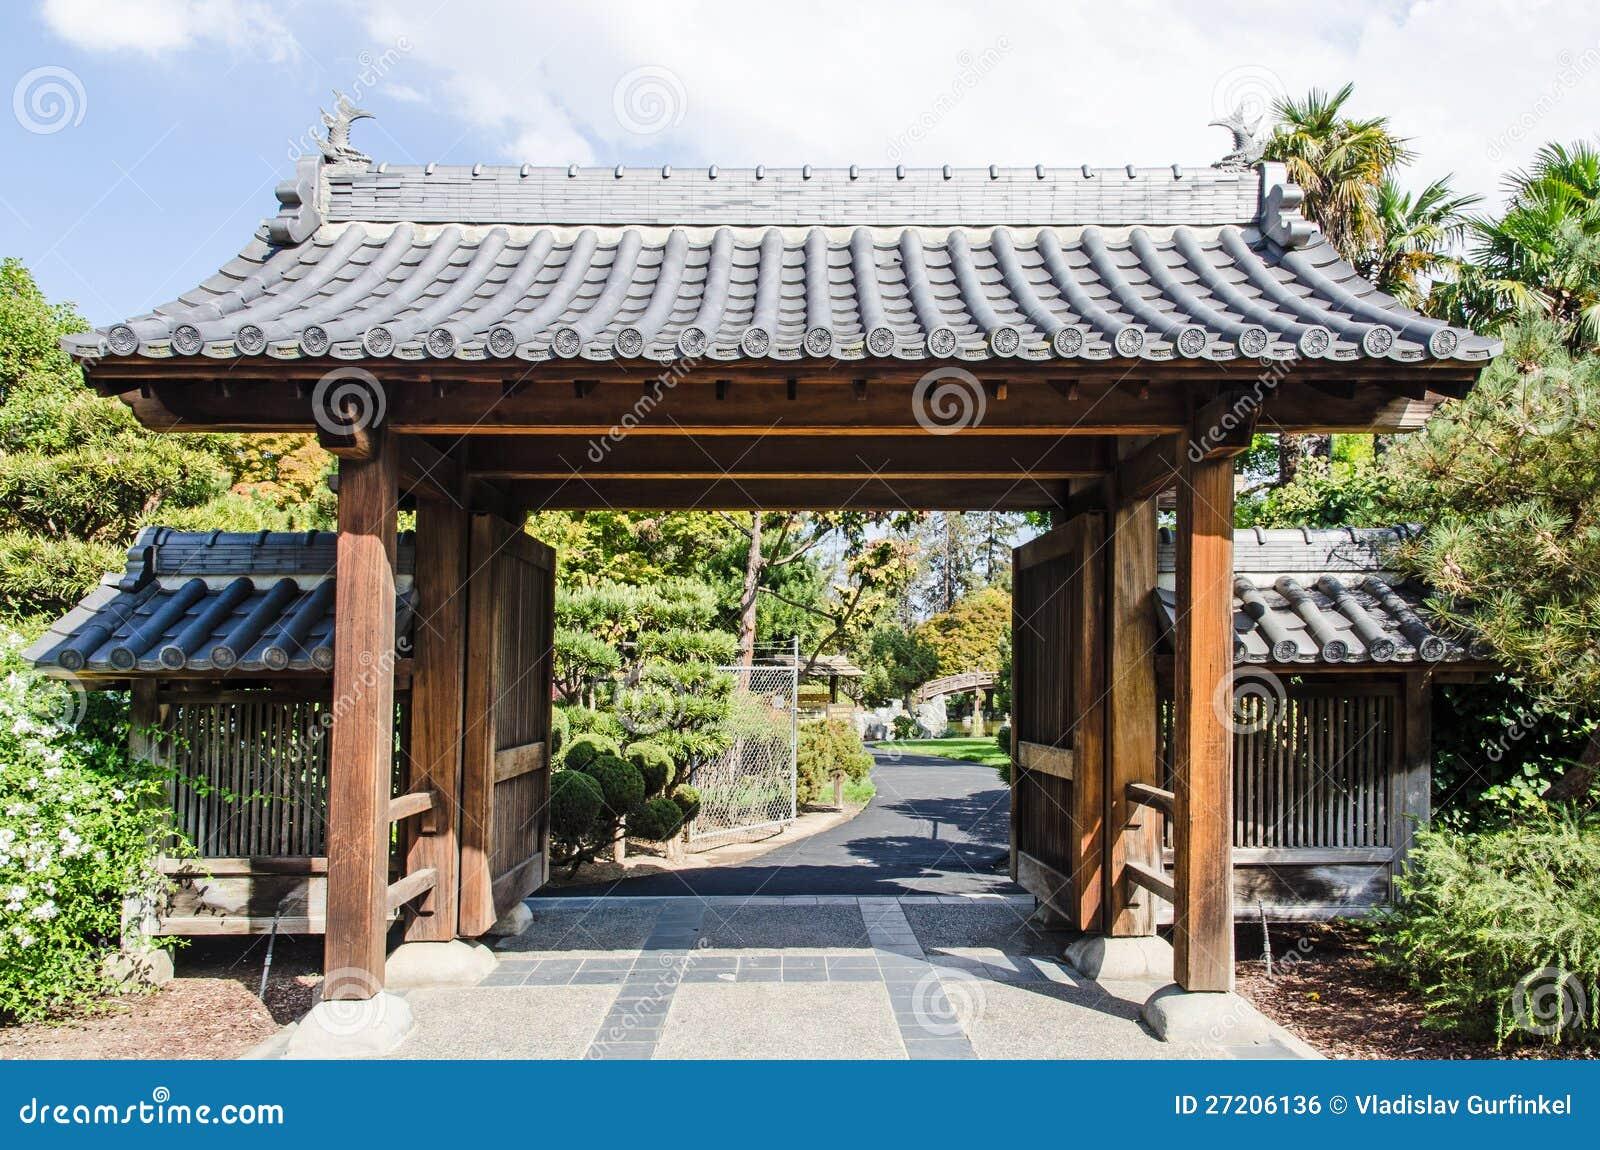 jardin japonais porte d 39 entr e image libre de droits image 27206136. Black Bedroom Furniture Sets. Home Design Ideas